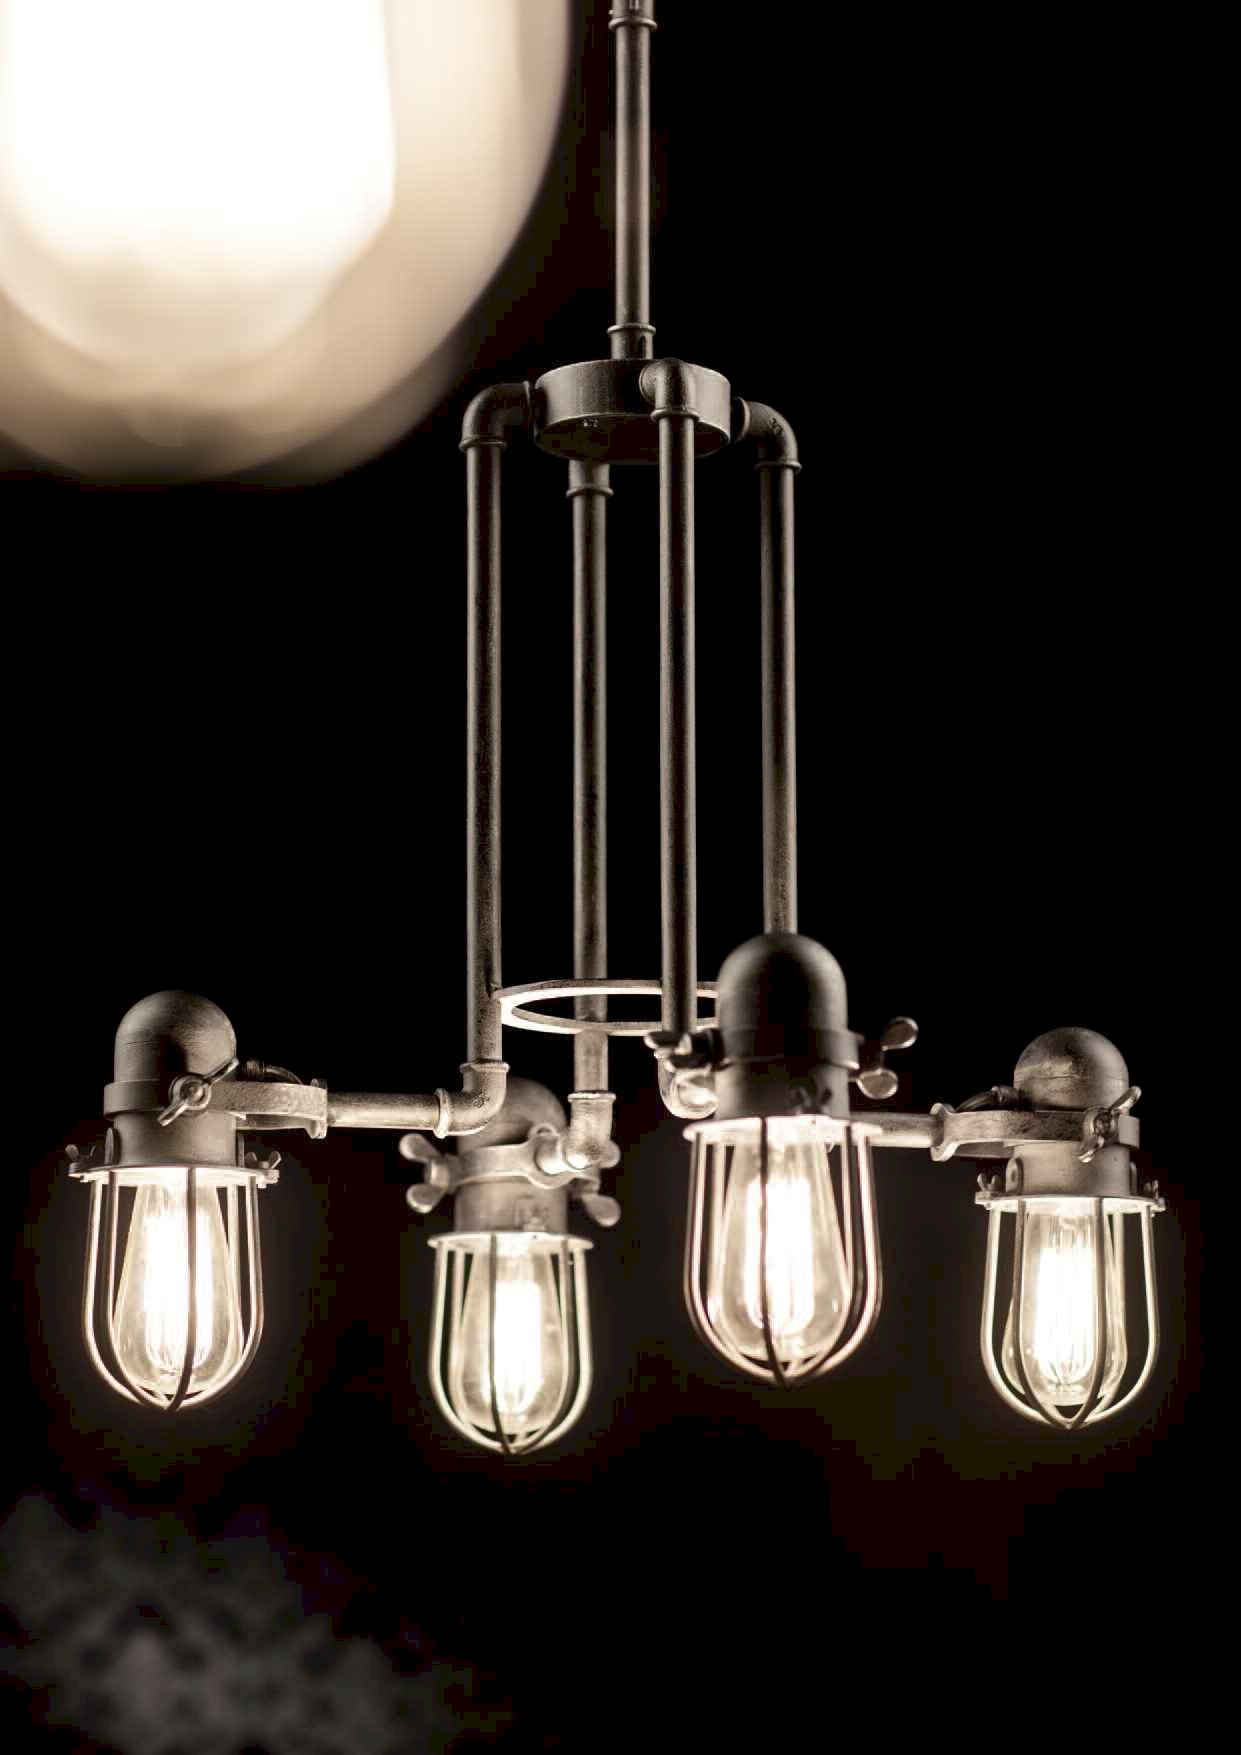 Industrial LED-Hängeleuchte von Robers Leuchten